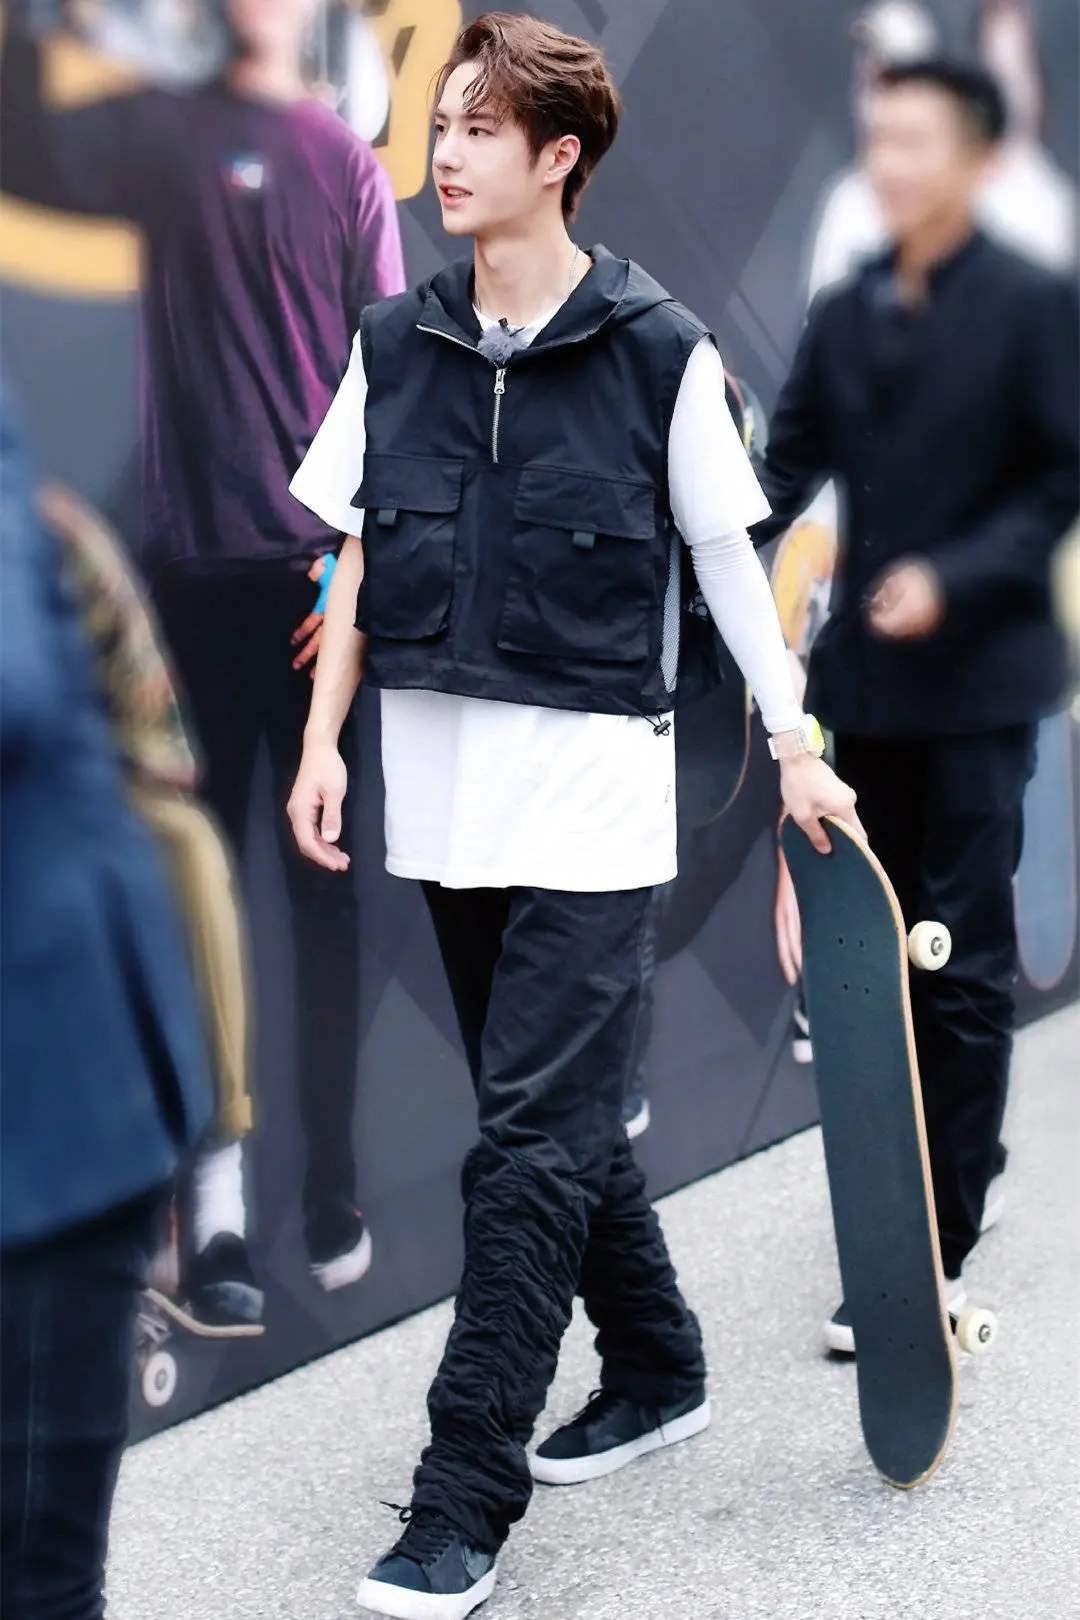 王一博录完《华彩少年》,又录天天向上,忙得滑板都不带了